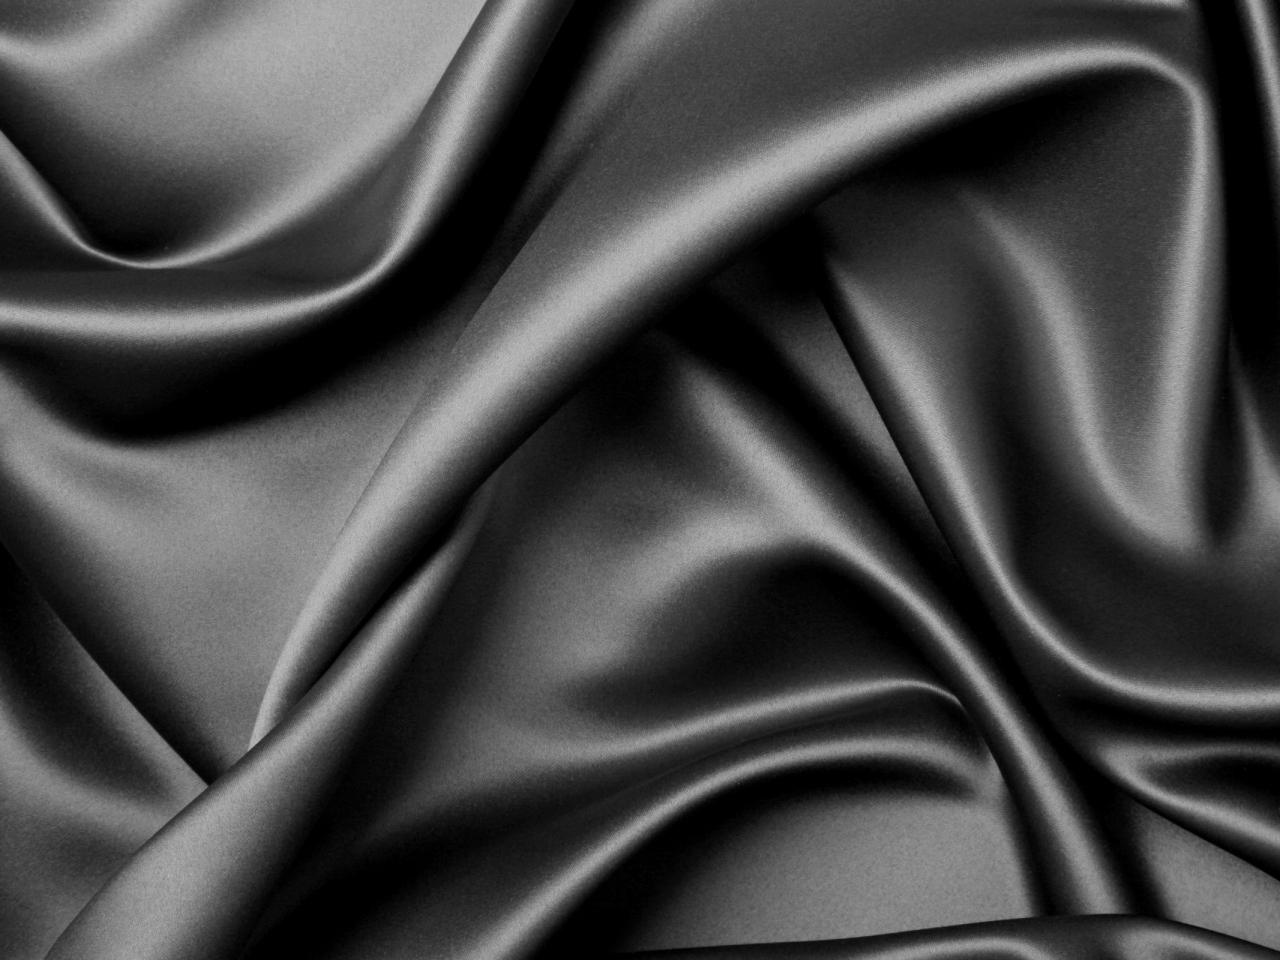 Textura de tela negra - 1280x960